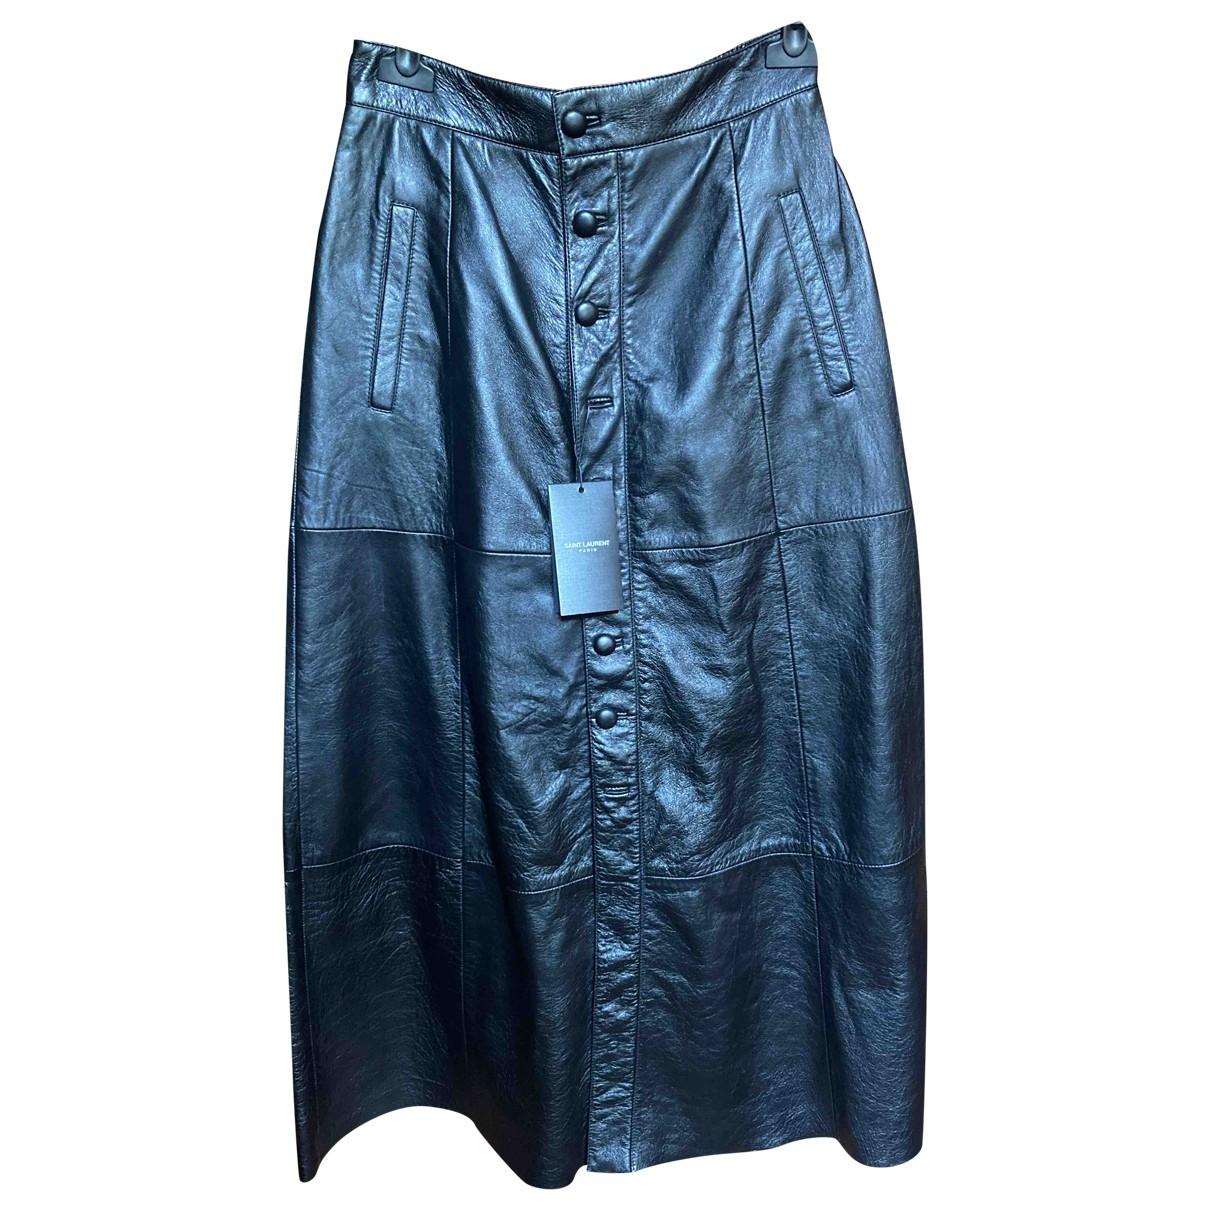 Saint Laurent \N Black Leather skirt for Women 38 FR